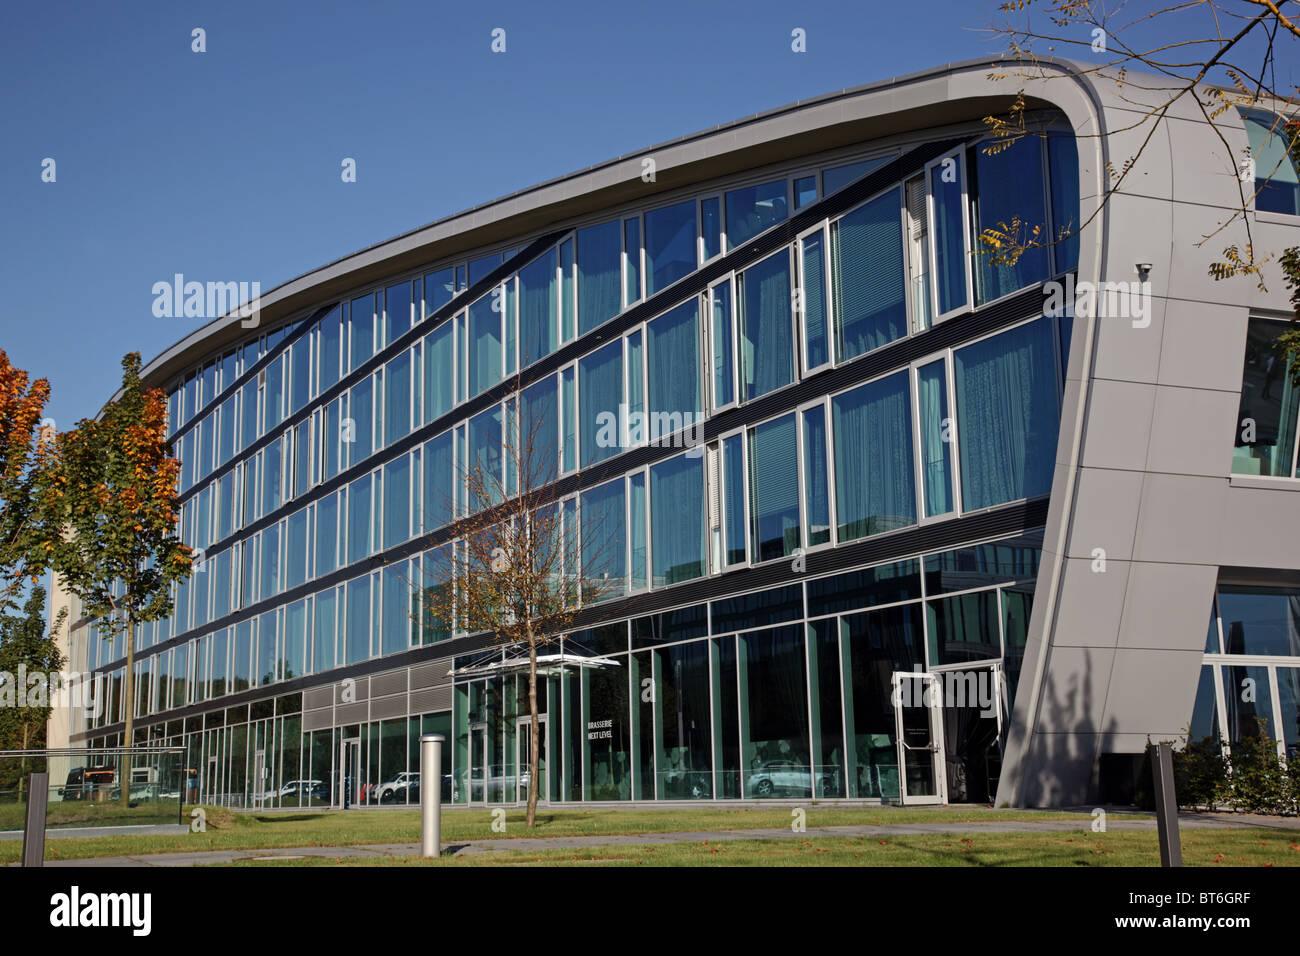 L'Hôtel Grand Hotel Quisisana futuriste à côté du Rhin à Bonn en Rhénanie du Nord-Westphalie Allemagne Banque D'Images